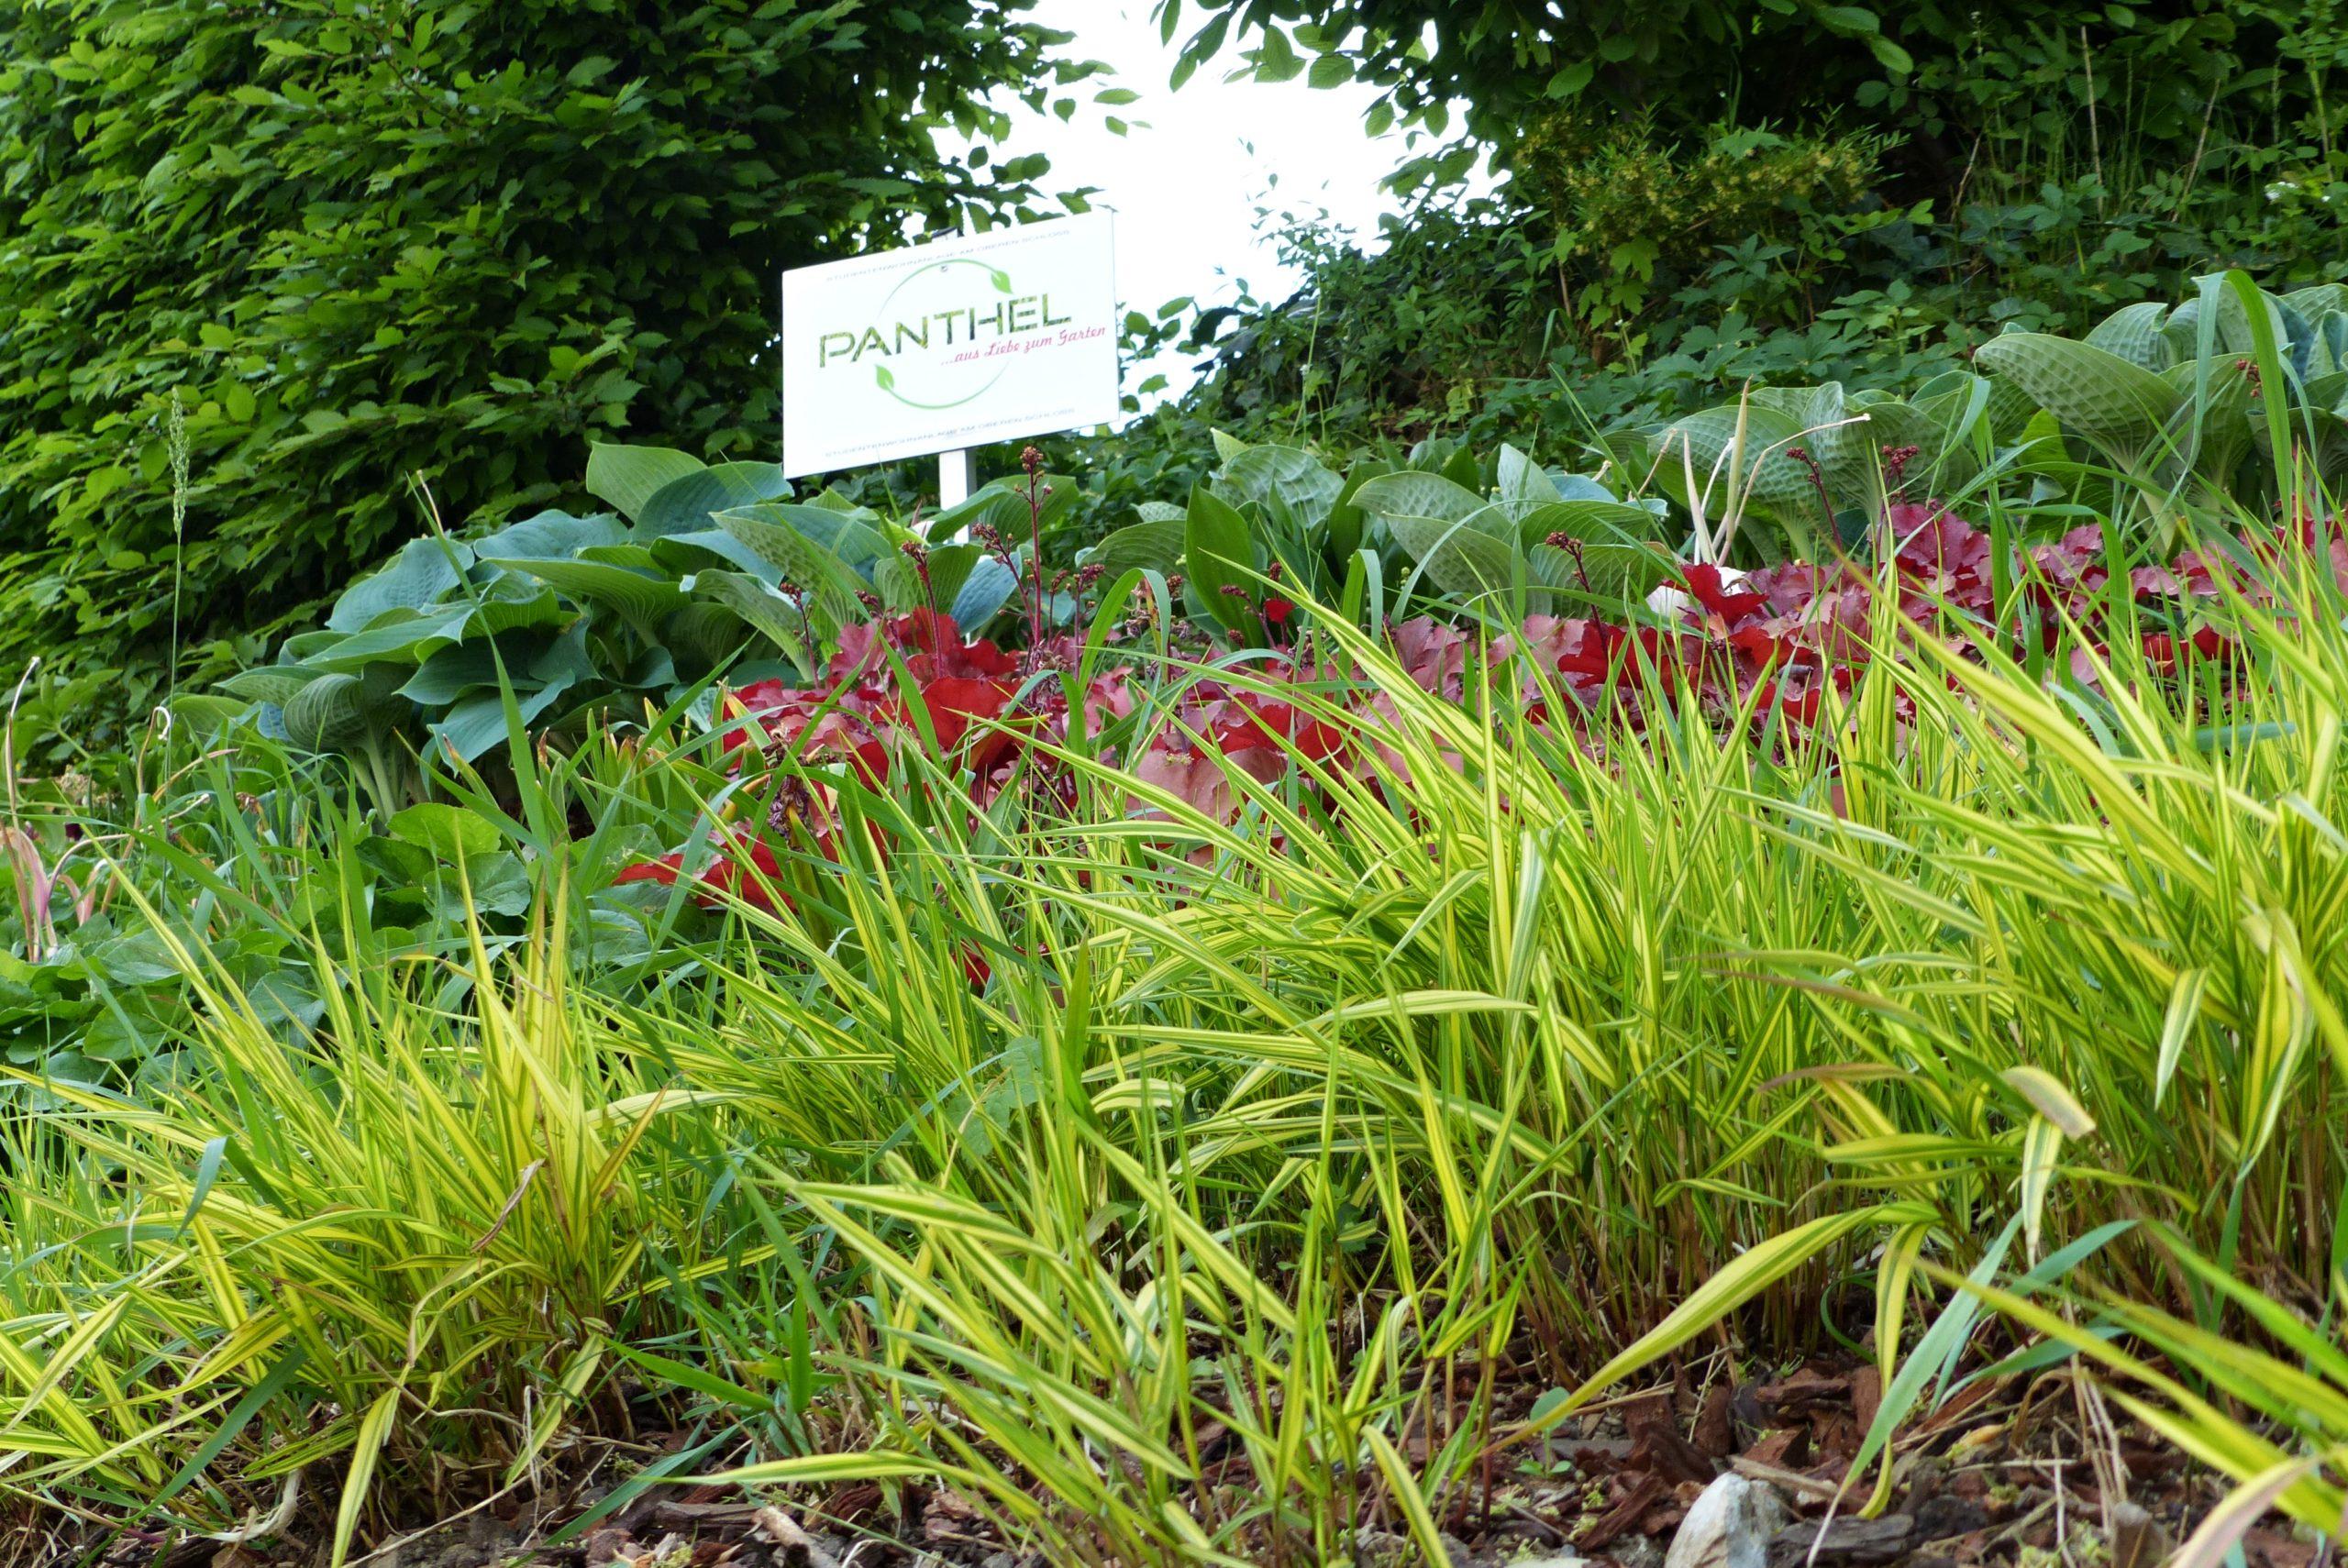 Garten- und Landschaftsbau Panthel